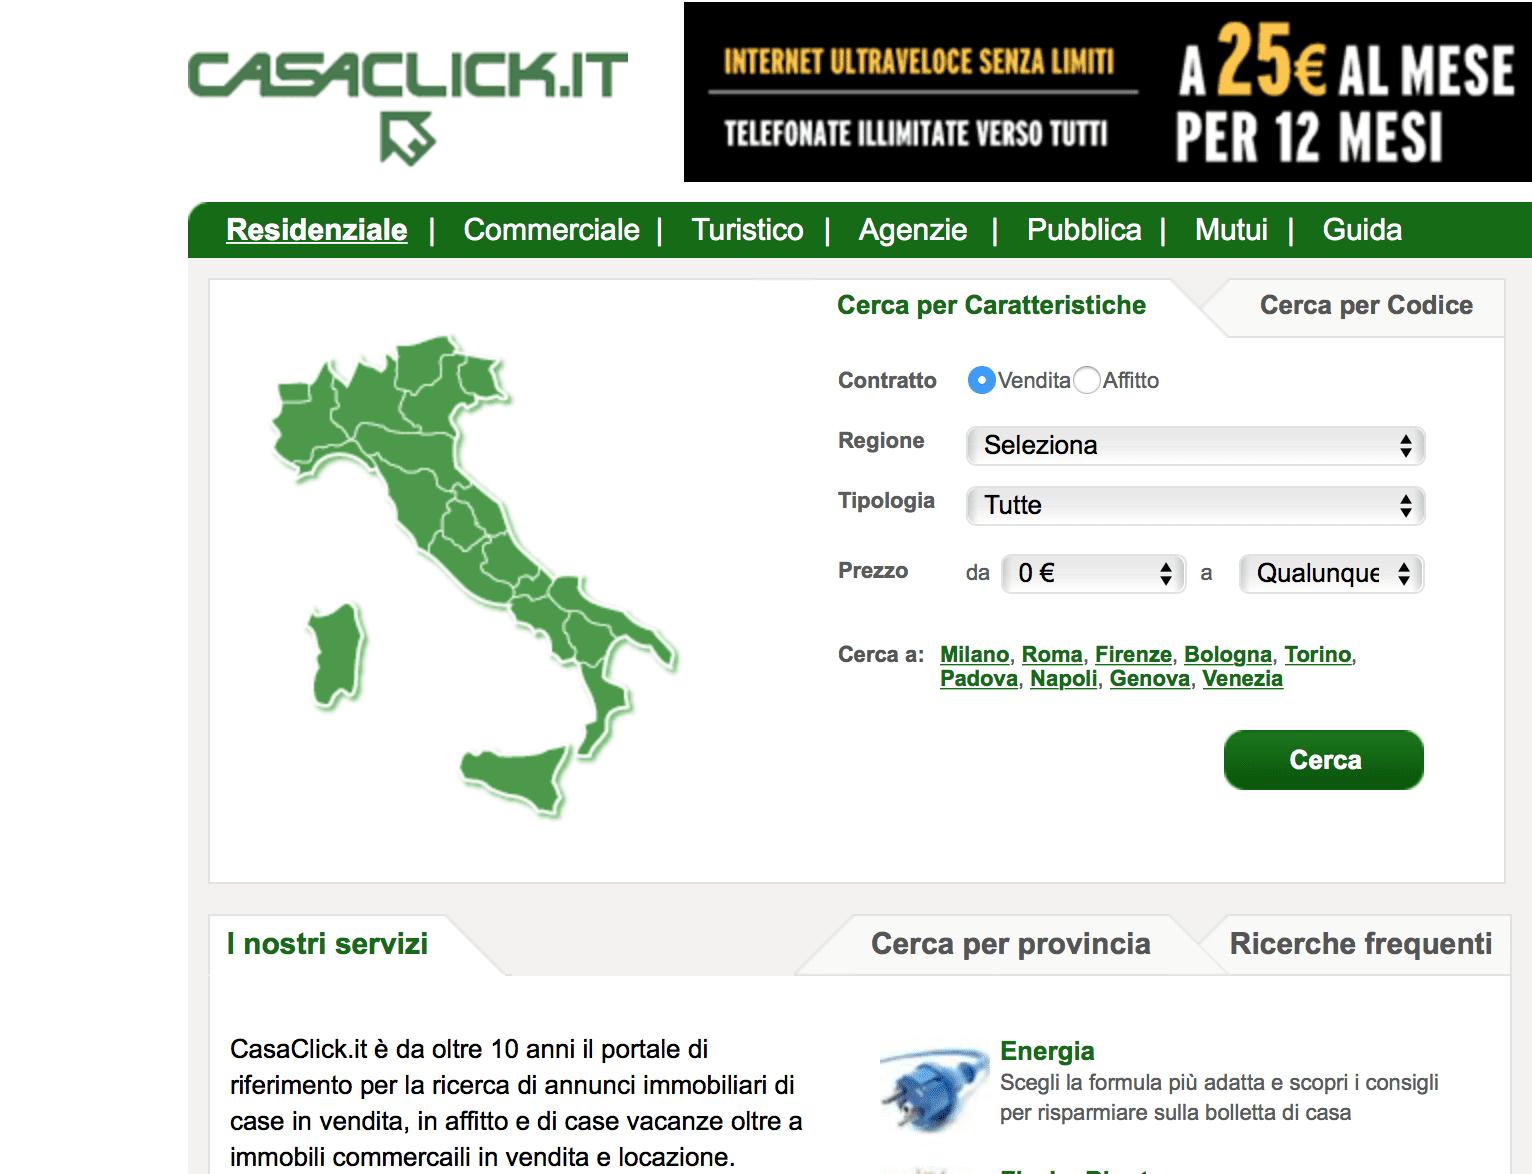 casaclick.it